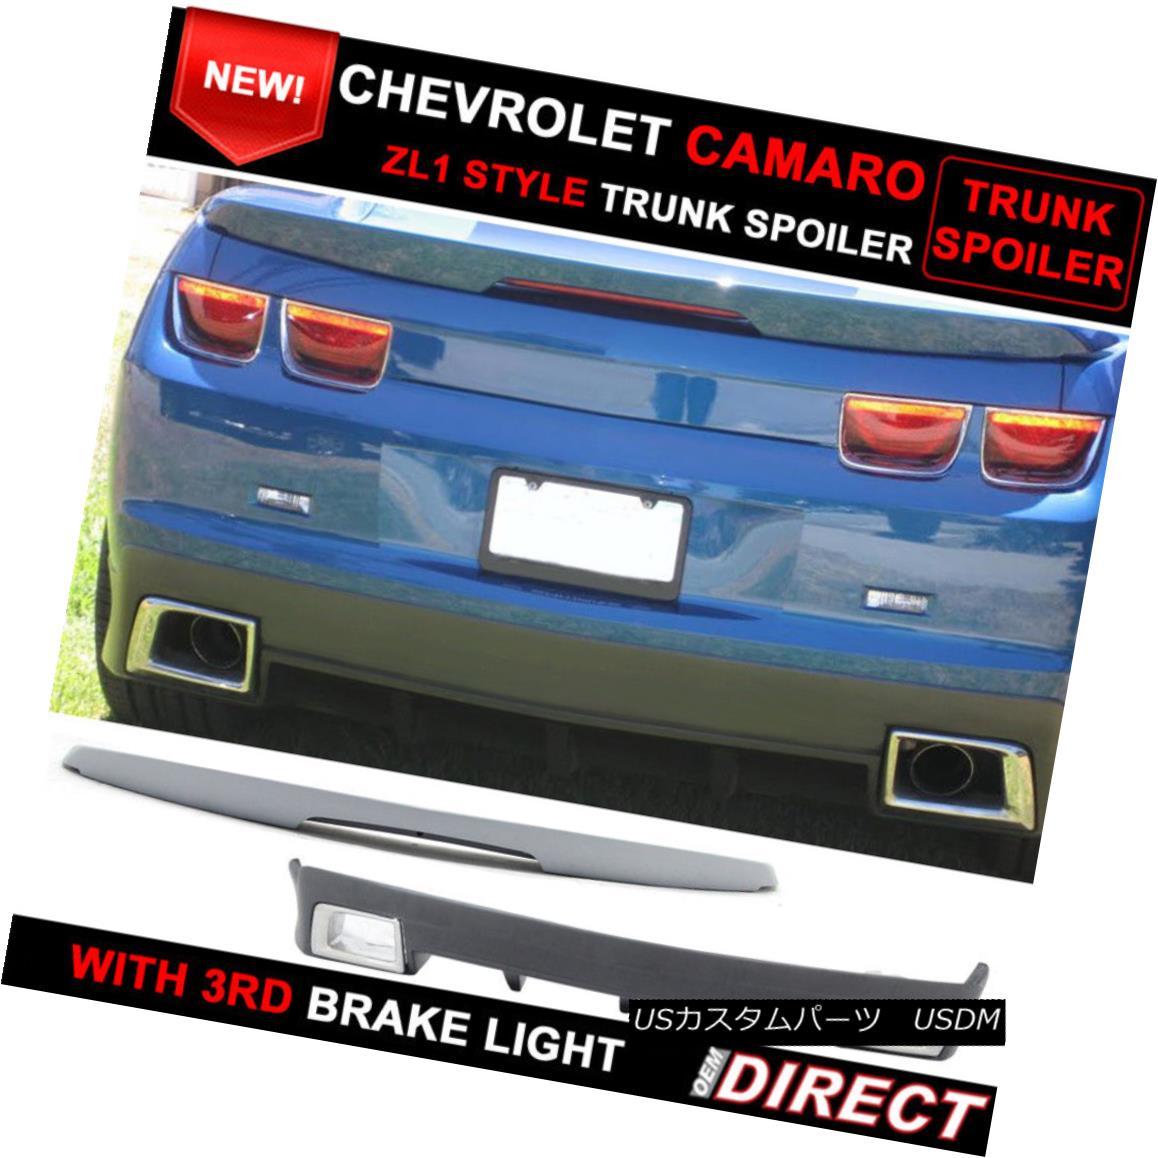 エアロパーツ Fit For Chevy Camaro ZL1 Style Trunk Spoiler W/ Led Light + GFX Rear Lip W/ Tips フィット・フォー・チェビー・カマロZL1スタイル・トランク・スポイラーW / Ledライト+ GFXリア・リップW /ヒント